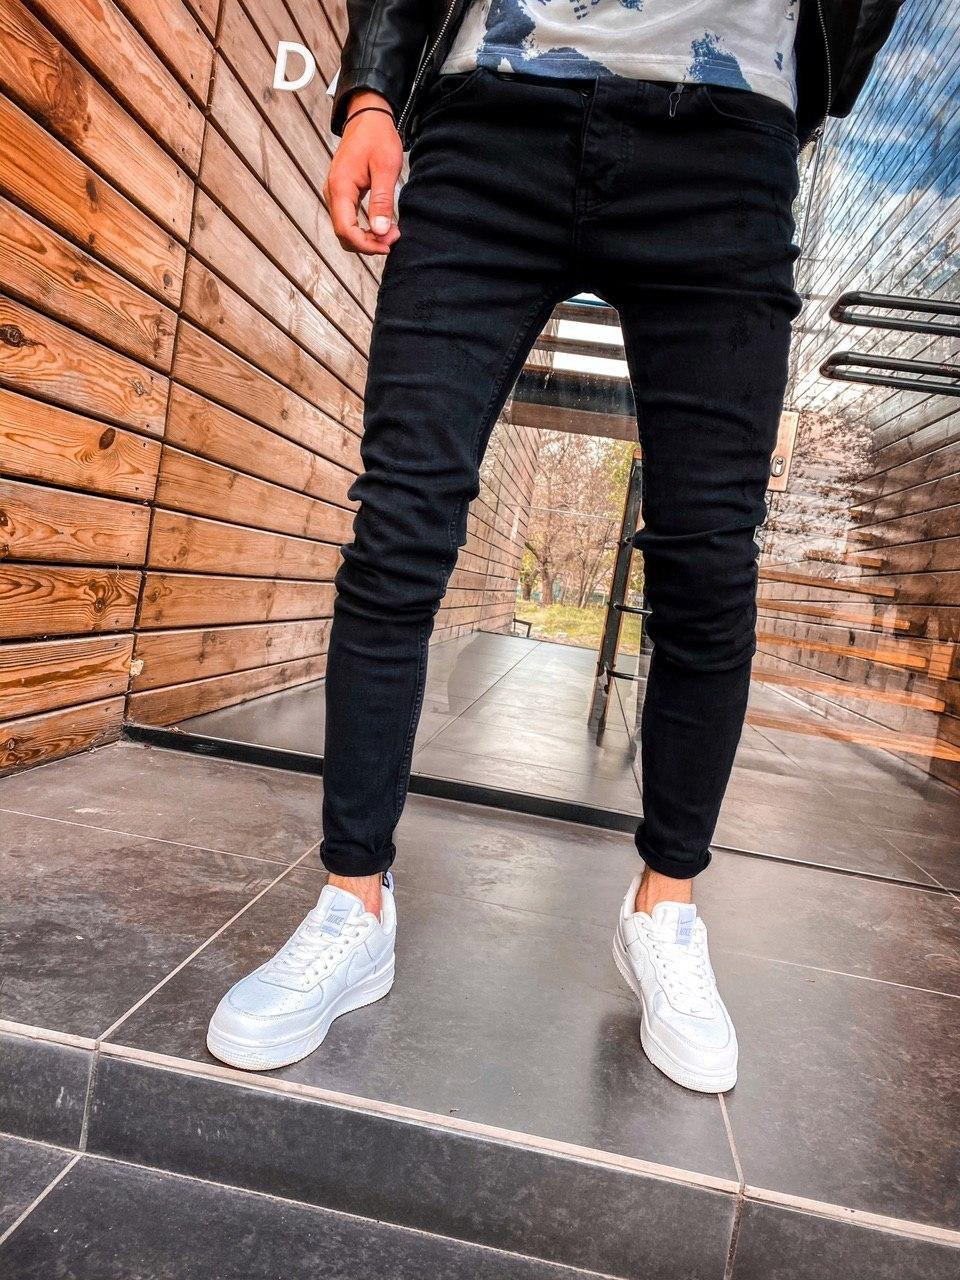 Джинси - чоловічі темно-сірі потерті джинси